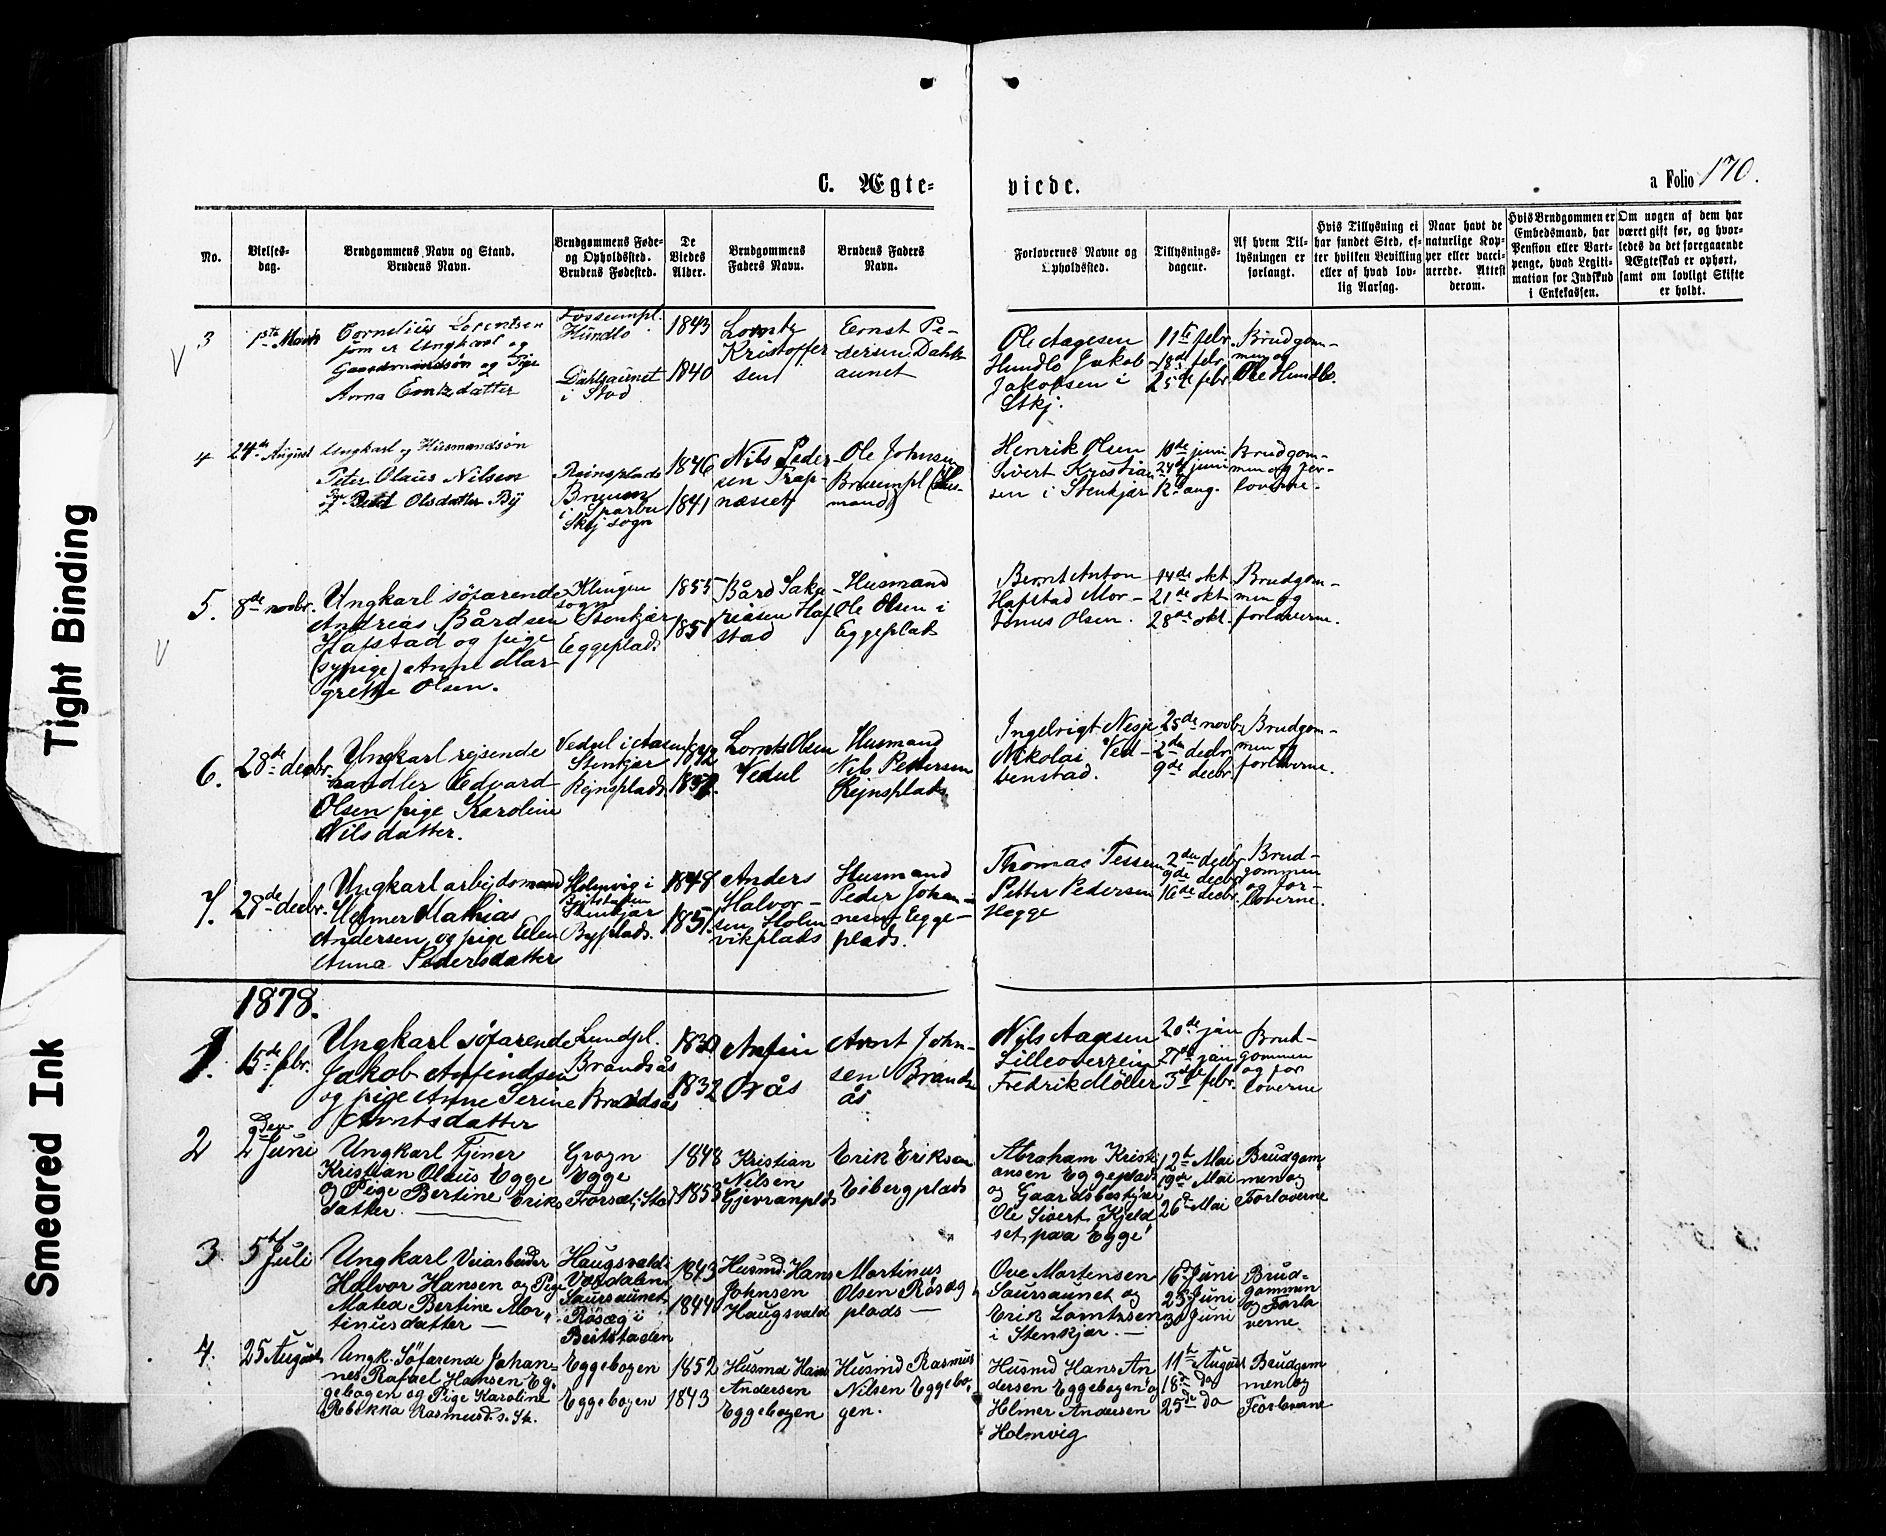 SAT, Ministerialprotokoller, klokkerbøker og fødselsregistre - Nord-Trøndelag, 740/L0380: Klokkerbok nr. 740C01, 1868-1902, s. 170